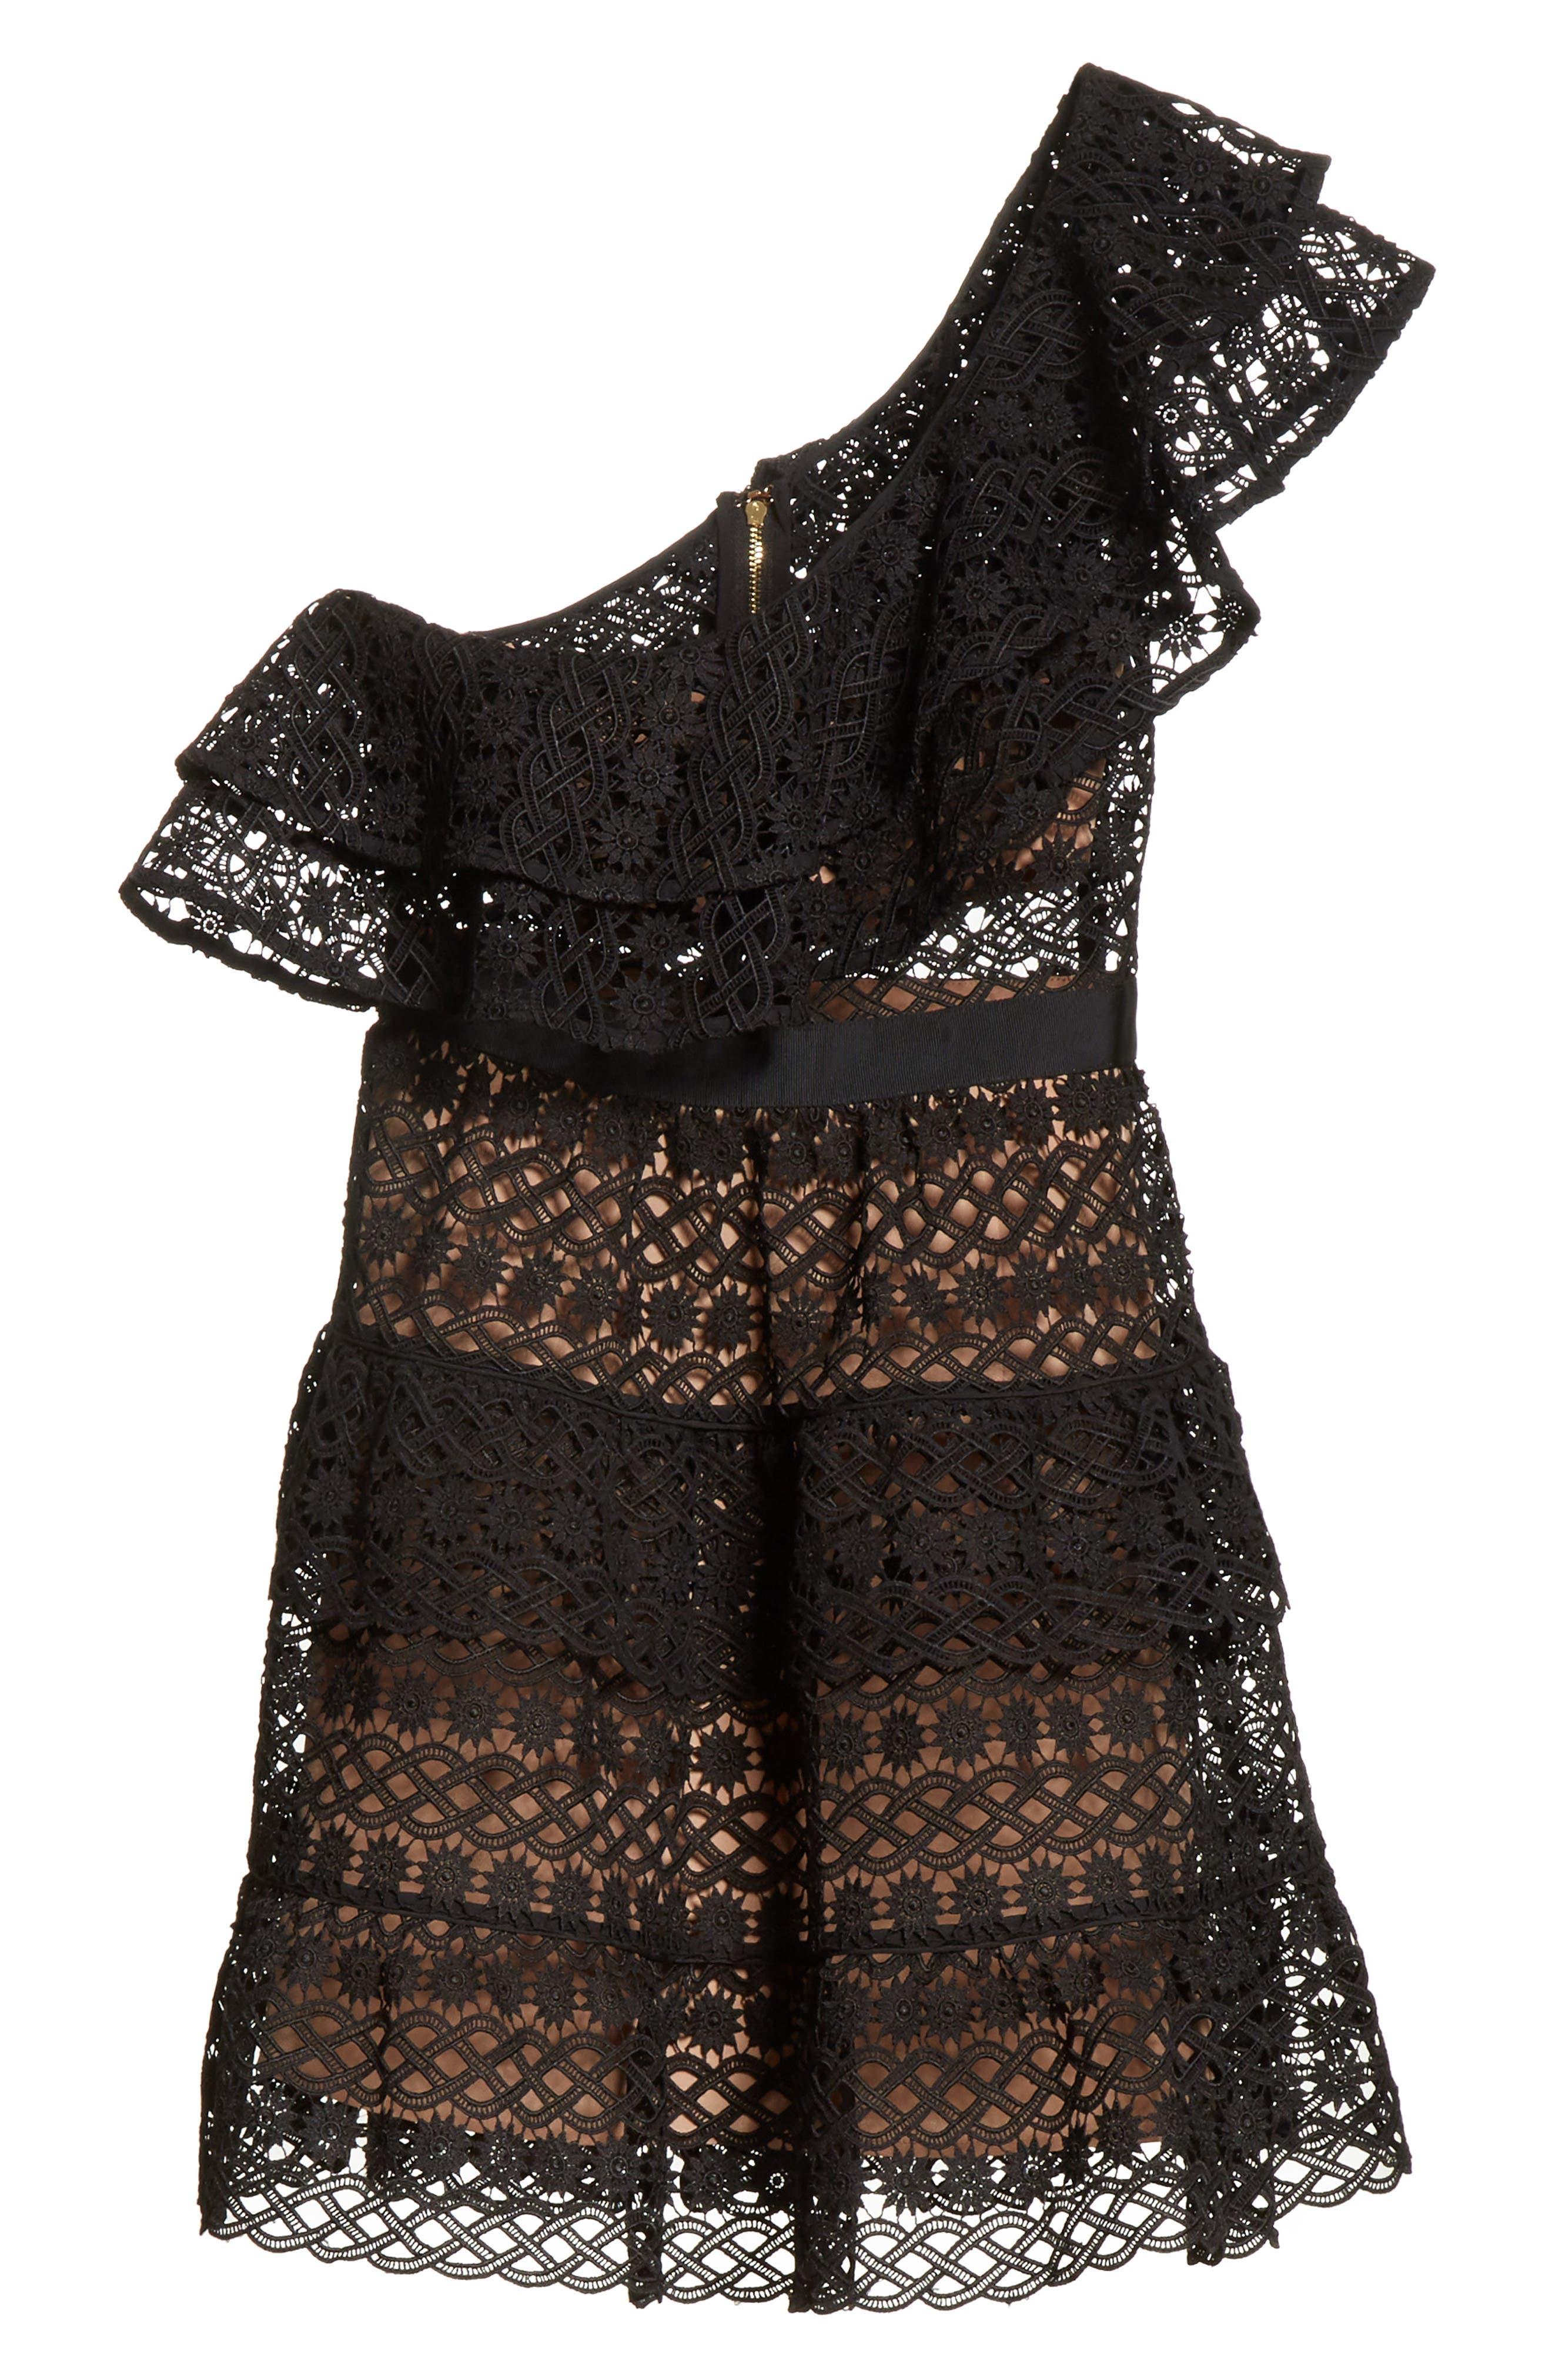 Floral Chain Lace One-Shoulder Dress,                             Alternate thumbnail 6, color,                             Black